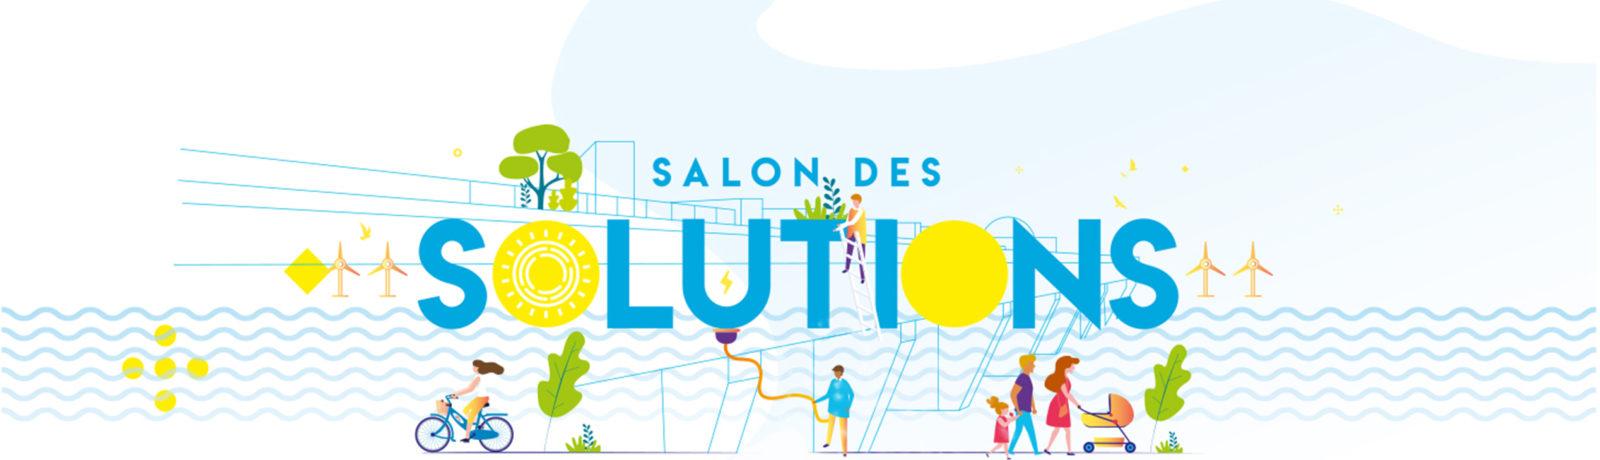 Salon des solutions saint-nazaire